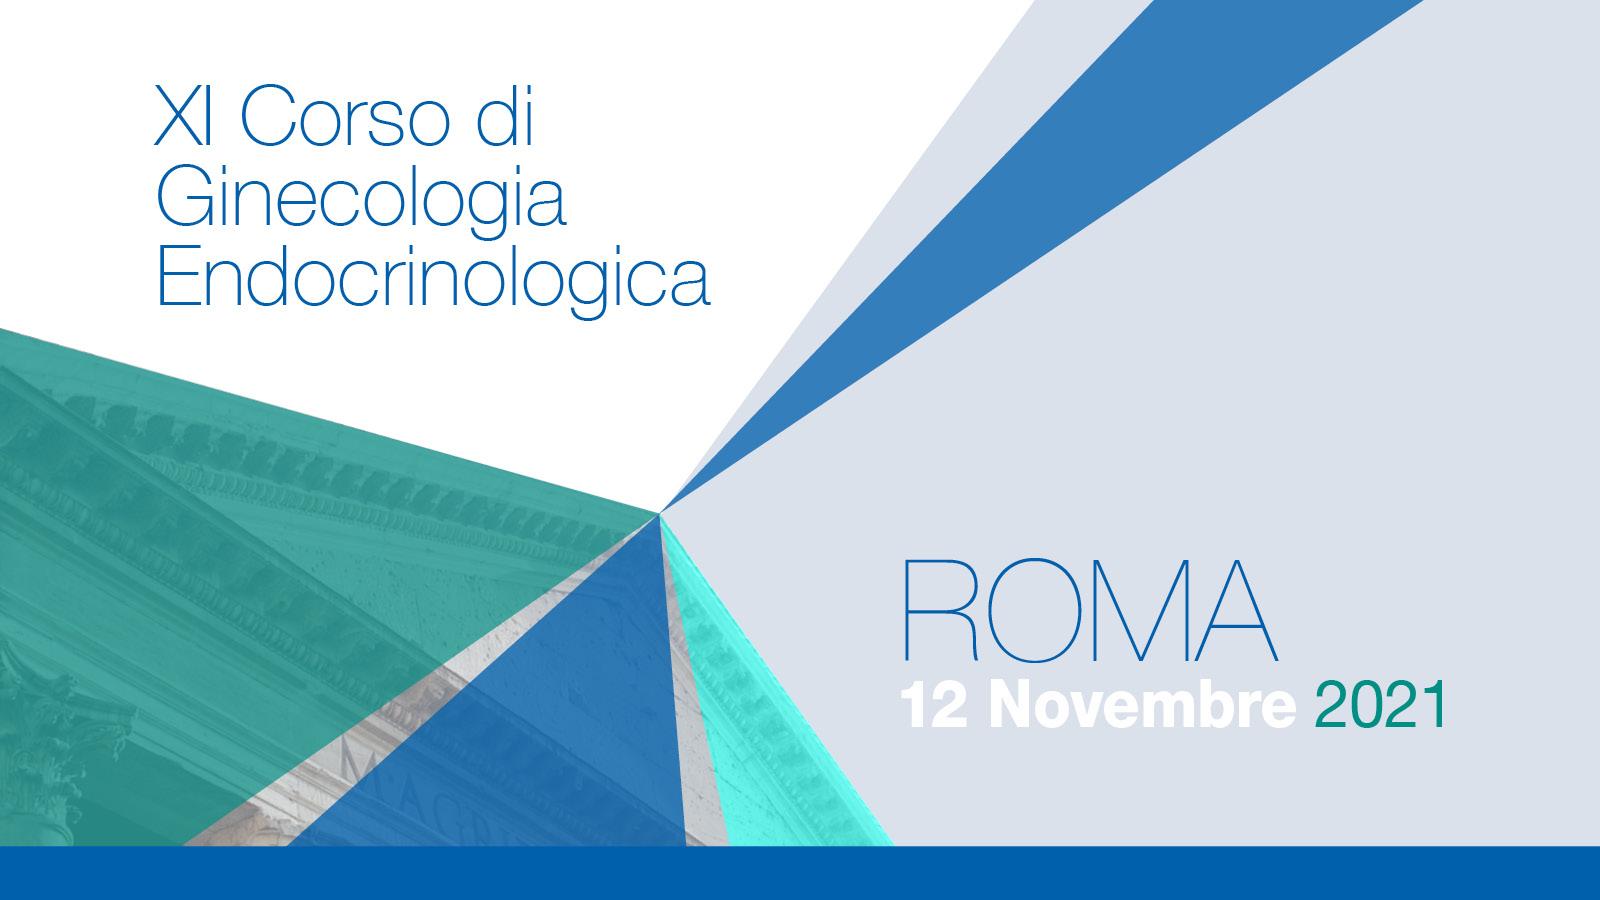 XI Corso di Ginecologia Endocrinologica